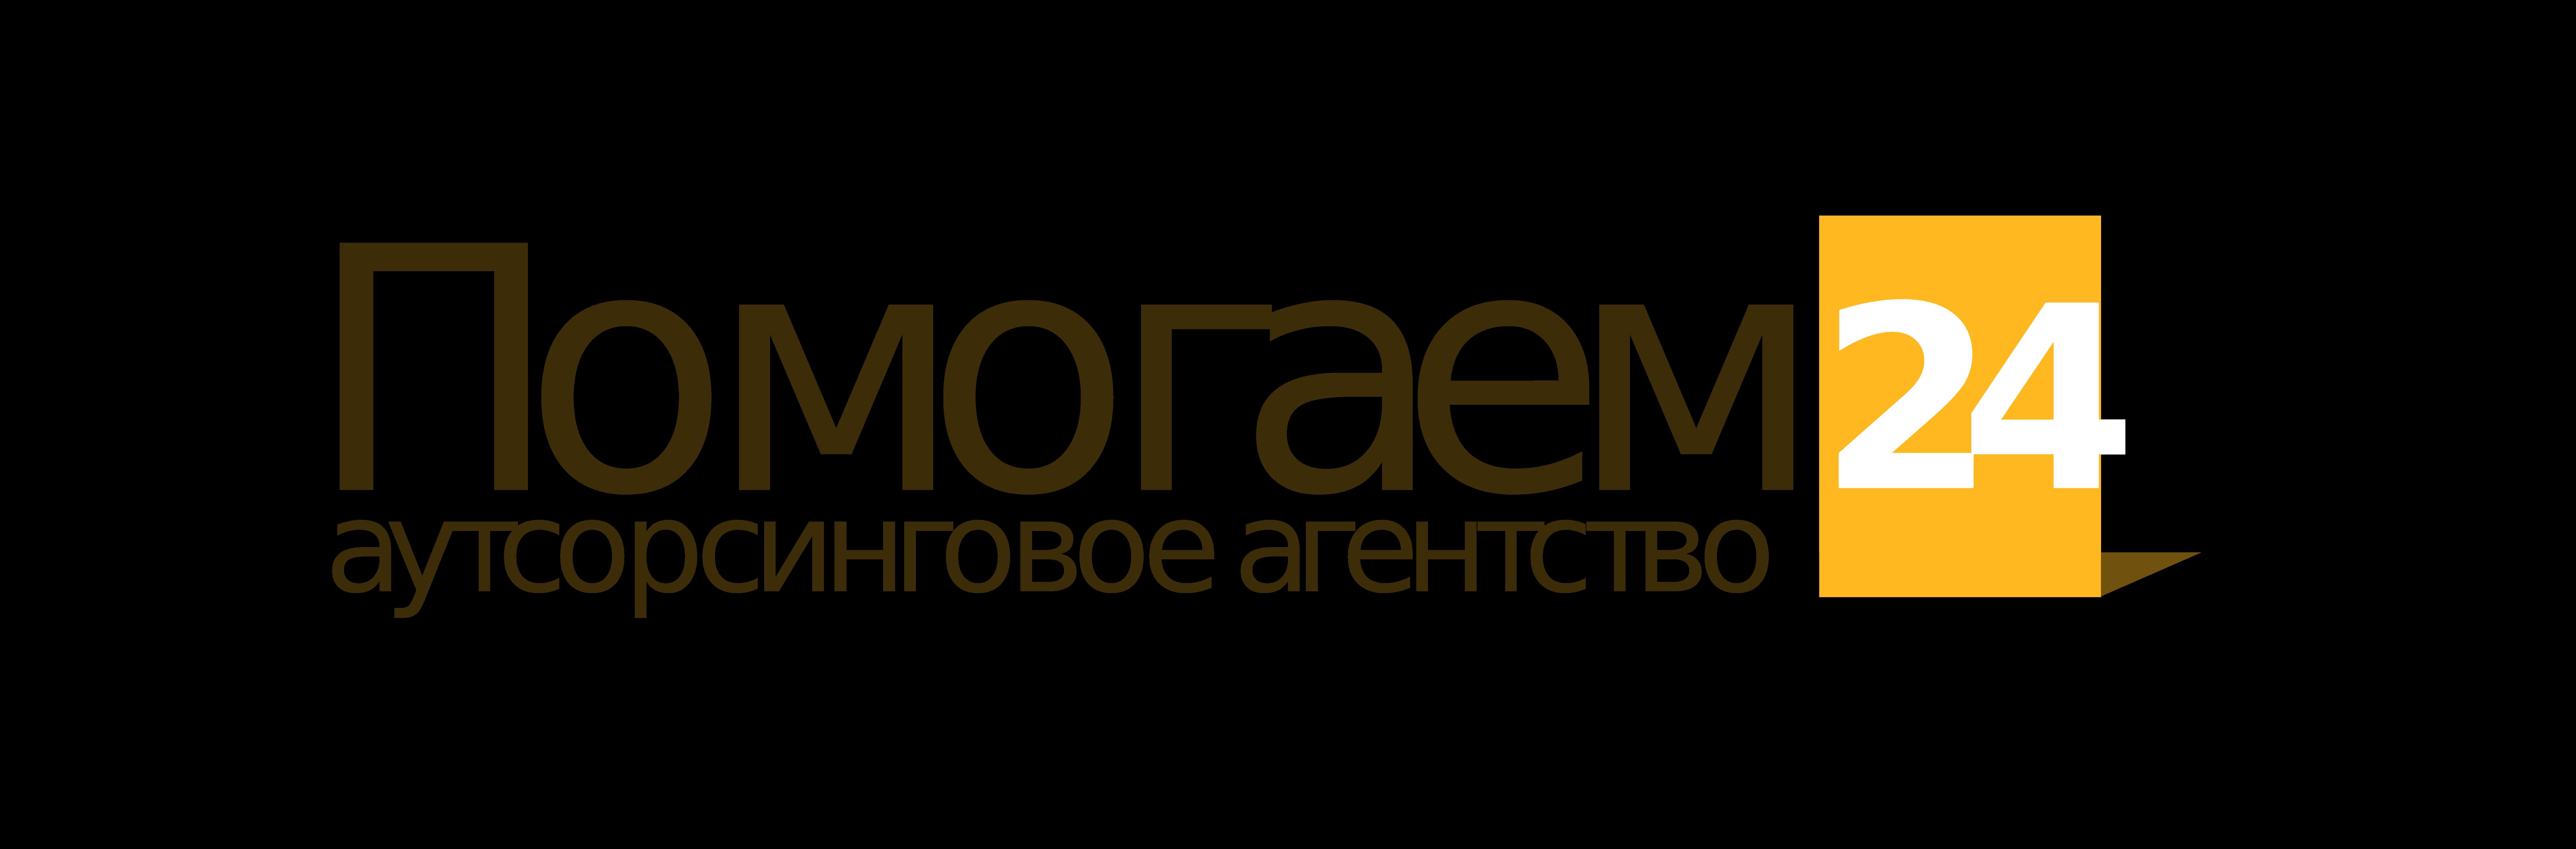 ООО ПОМОГАЕМ 24